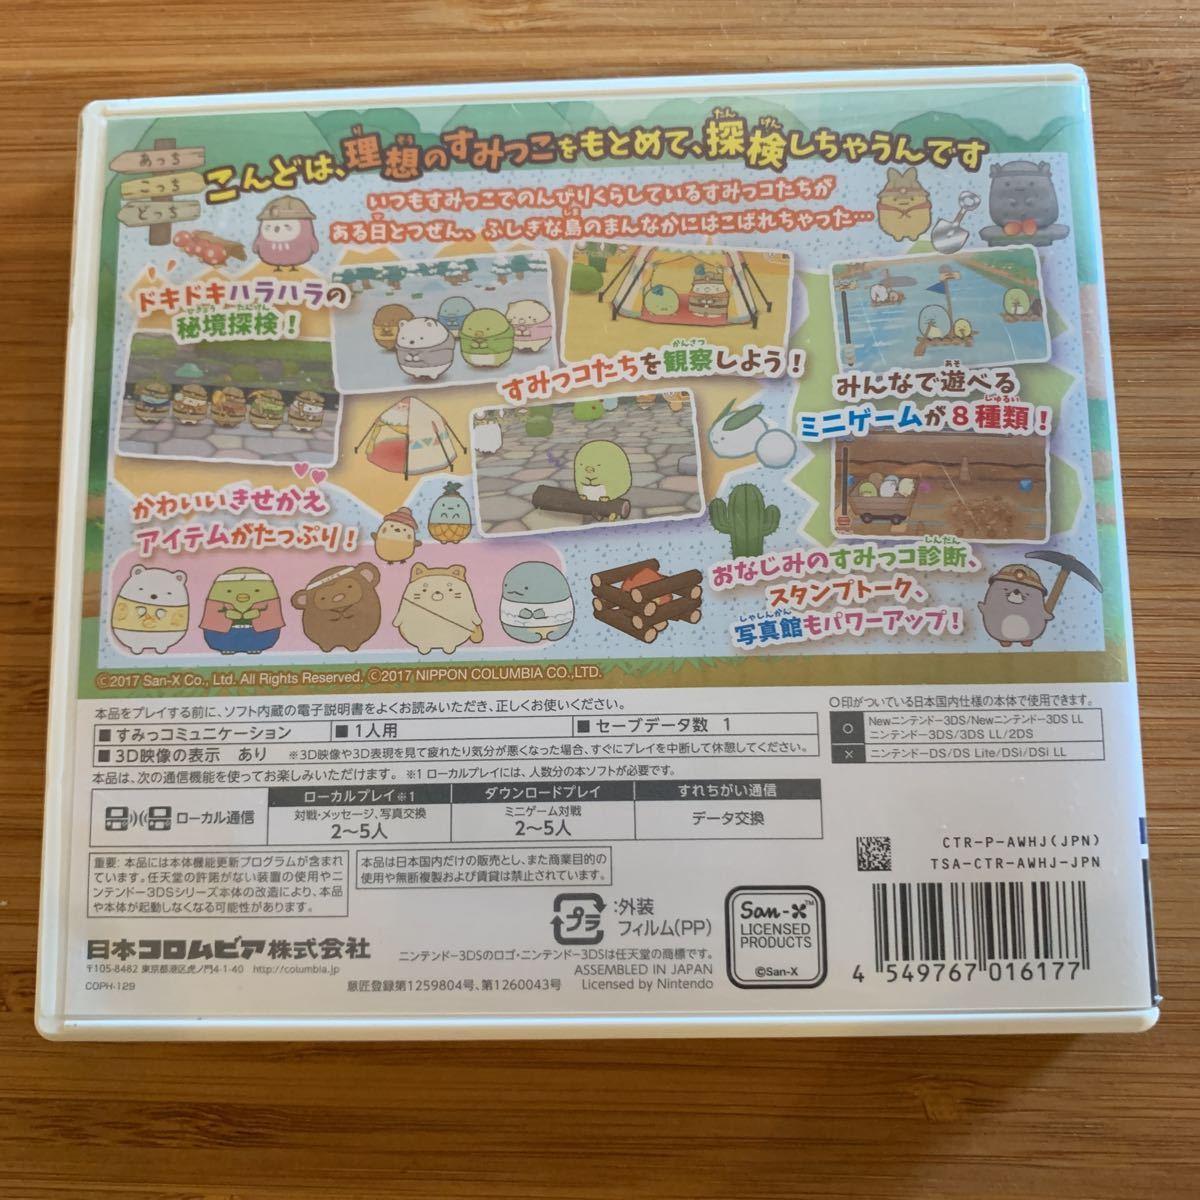 ニンテンドー3DS すみっコぐらし ここ、どこなんです? 3DSソフト _画像2